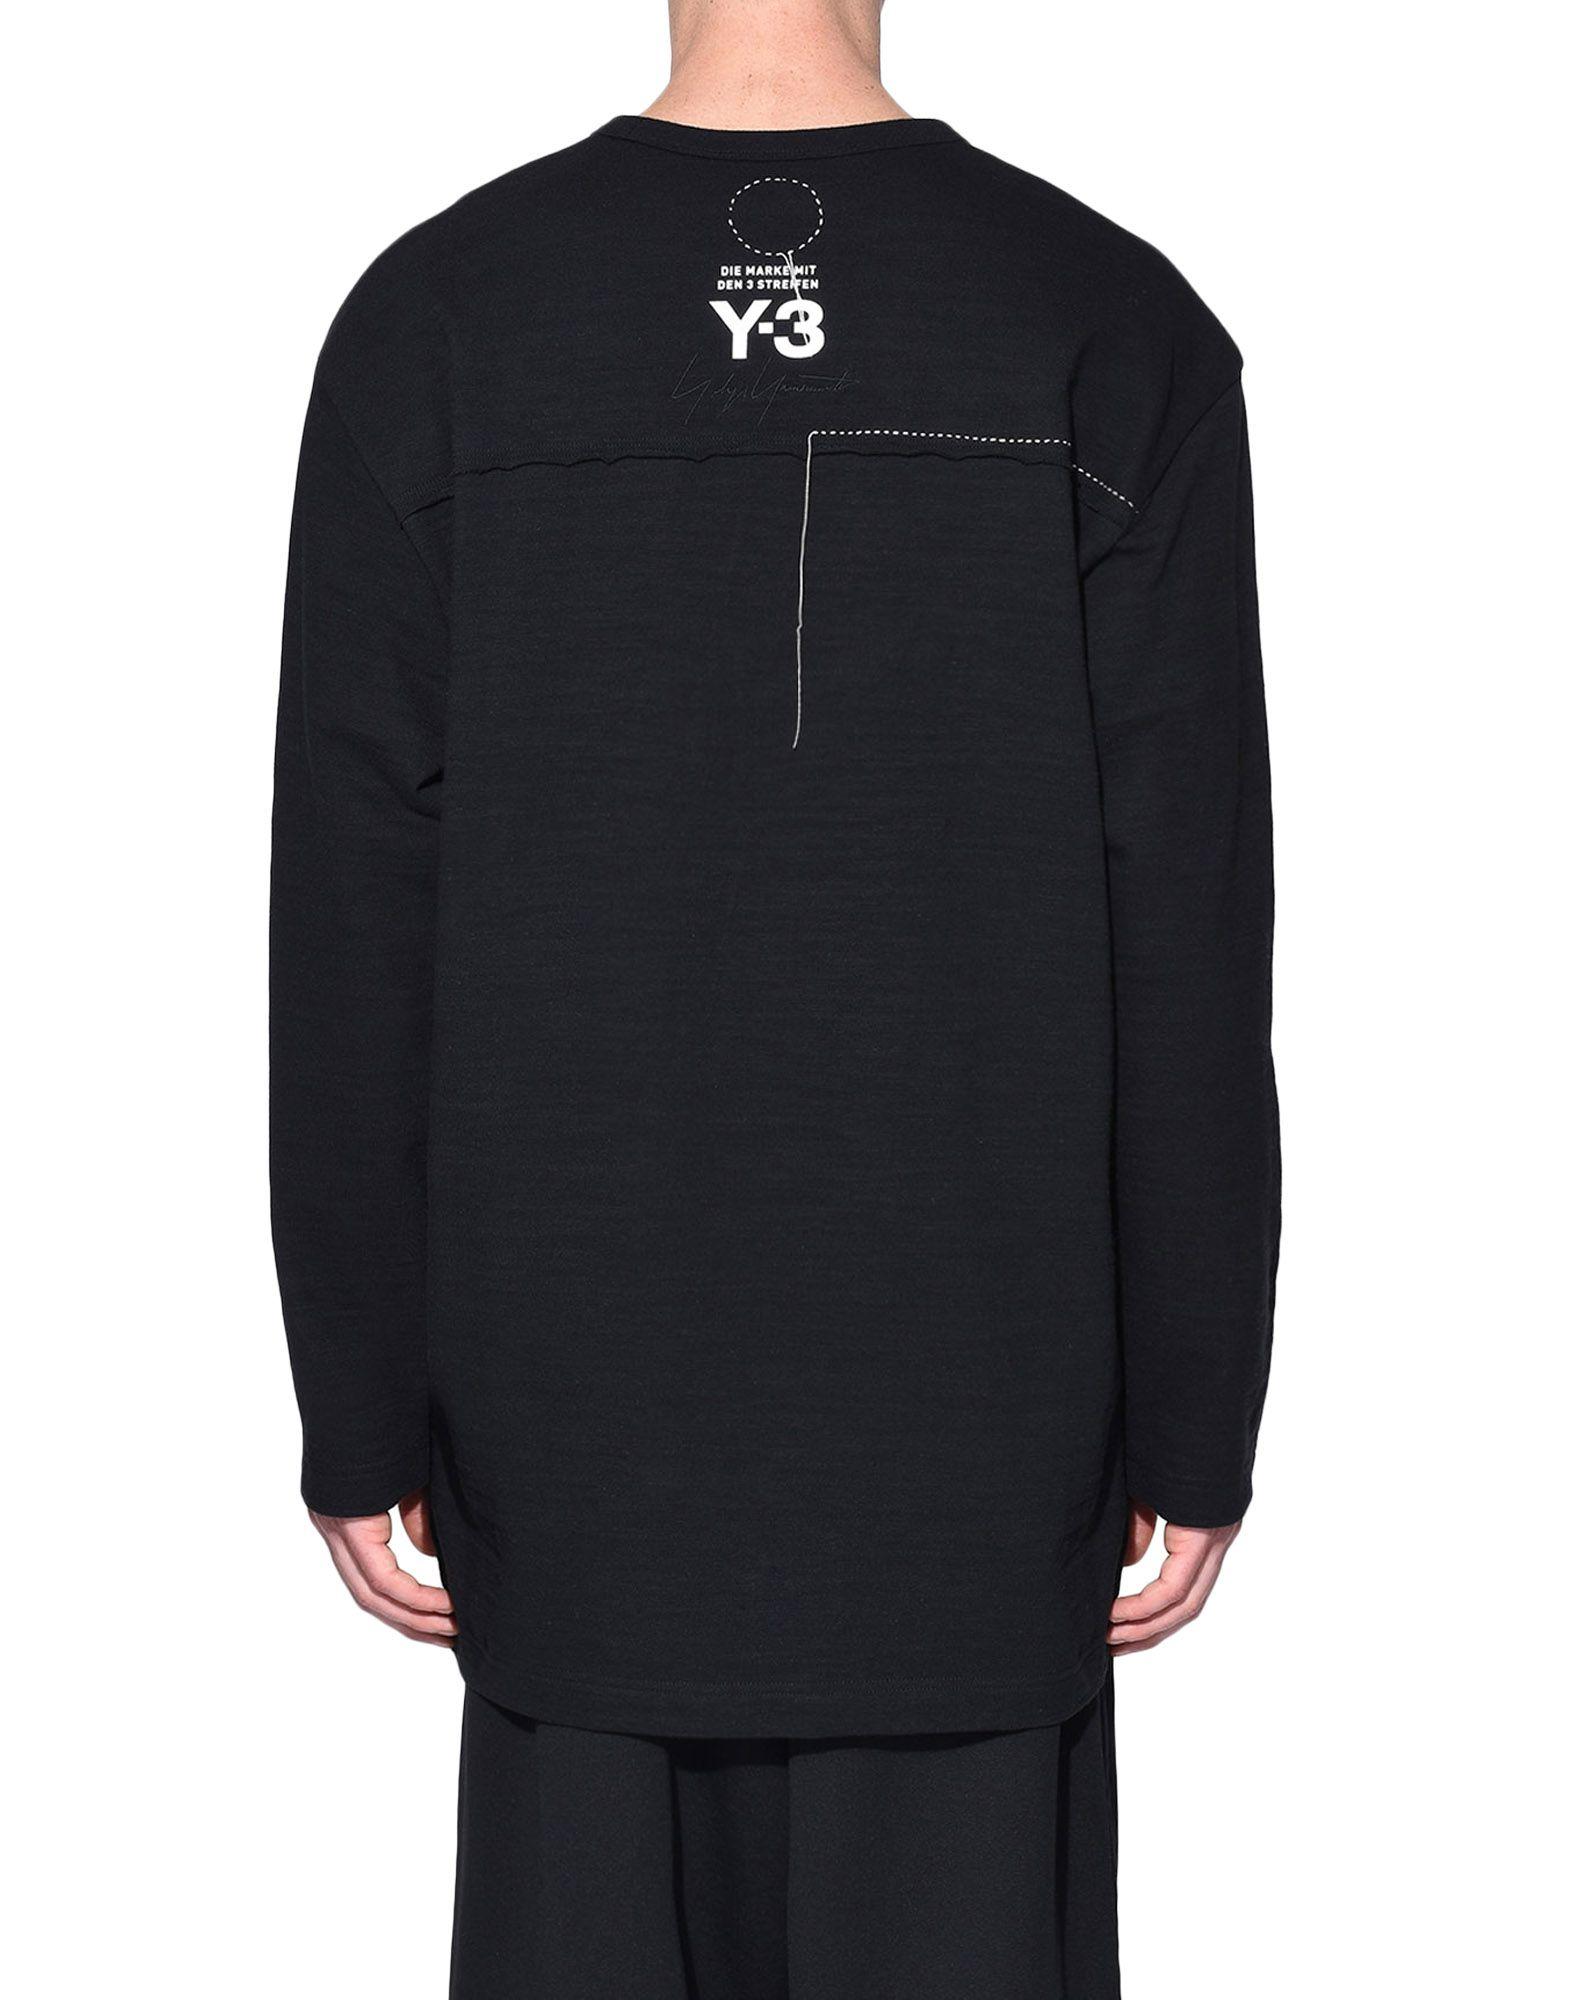 Y-3 Y-3 Sashiko Tee Long sleeve t-shirt Man d